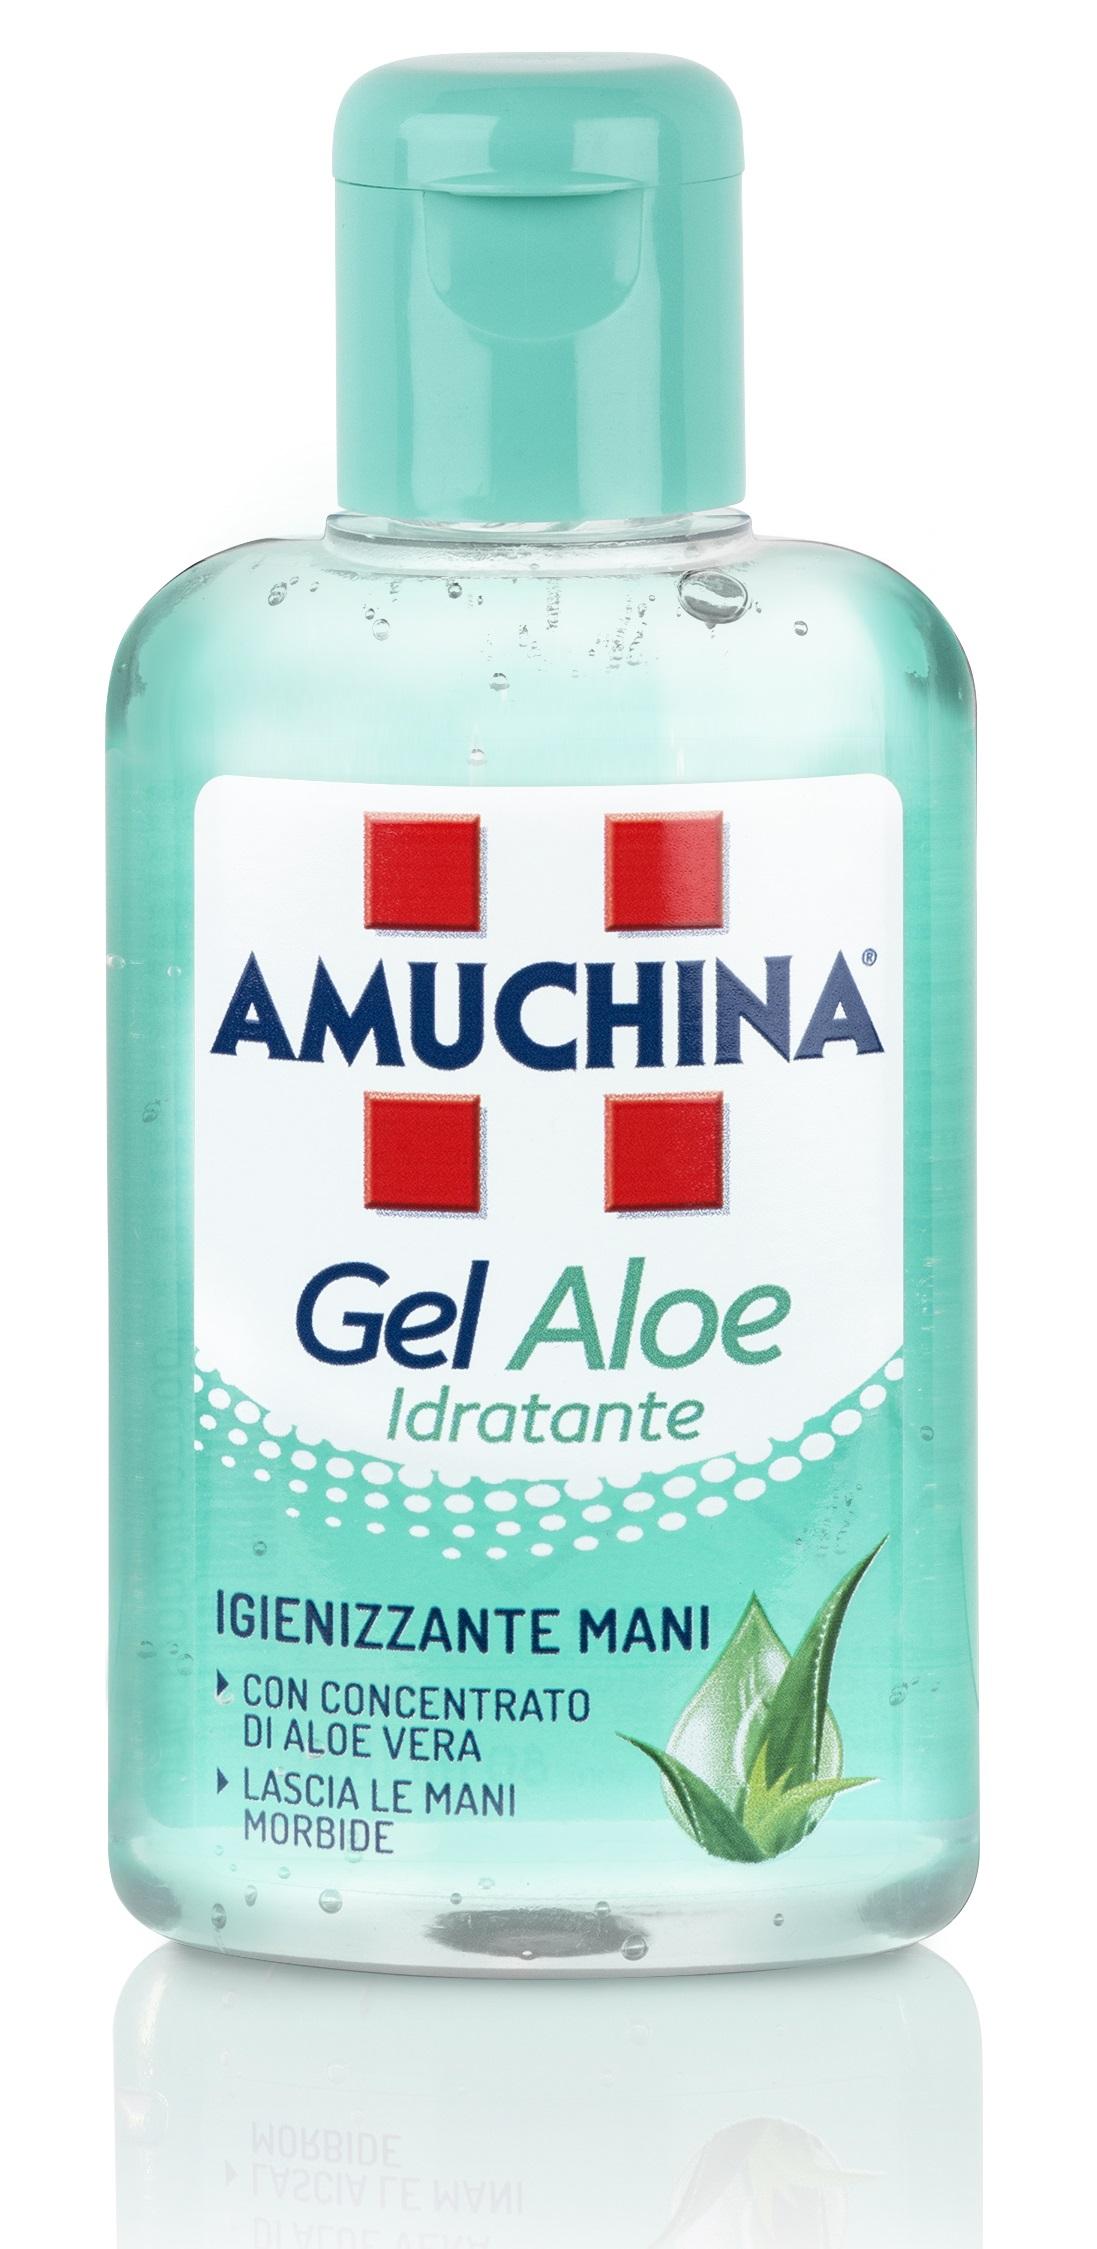 Image of AMUCHINA GEL ALOE 80 ML